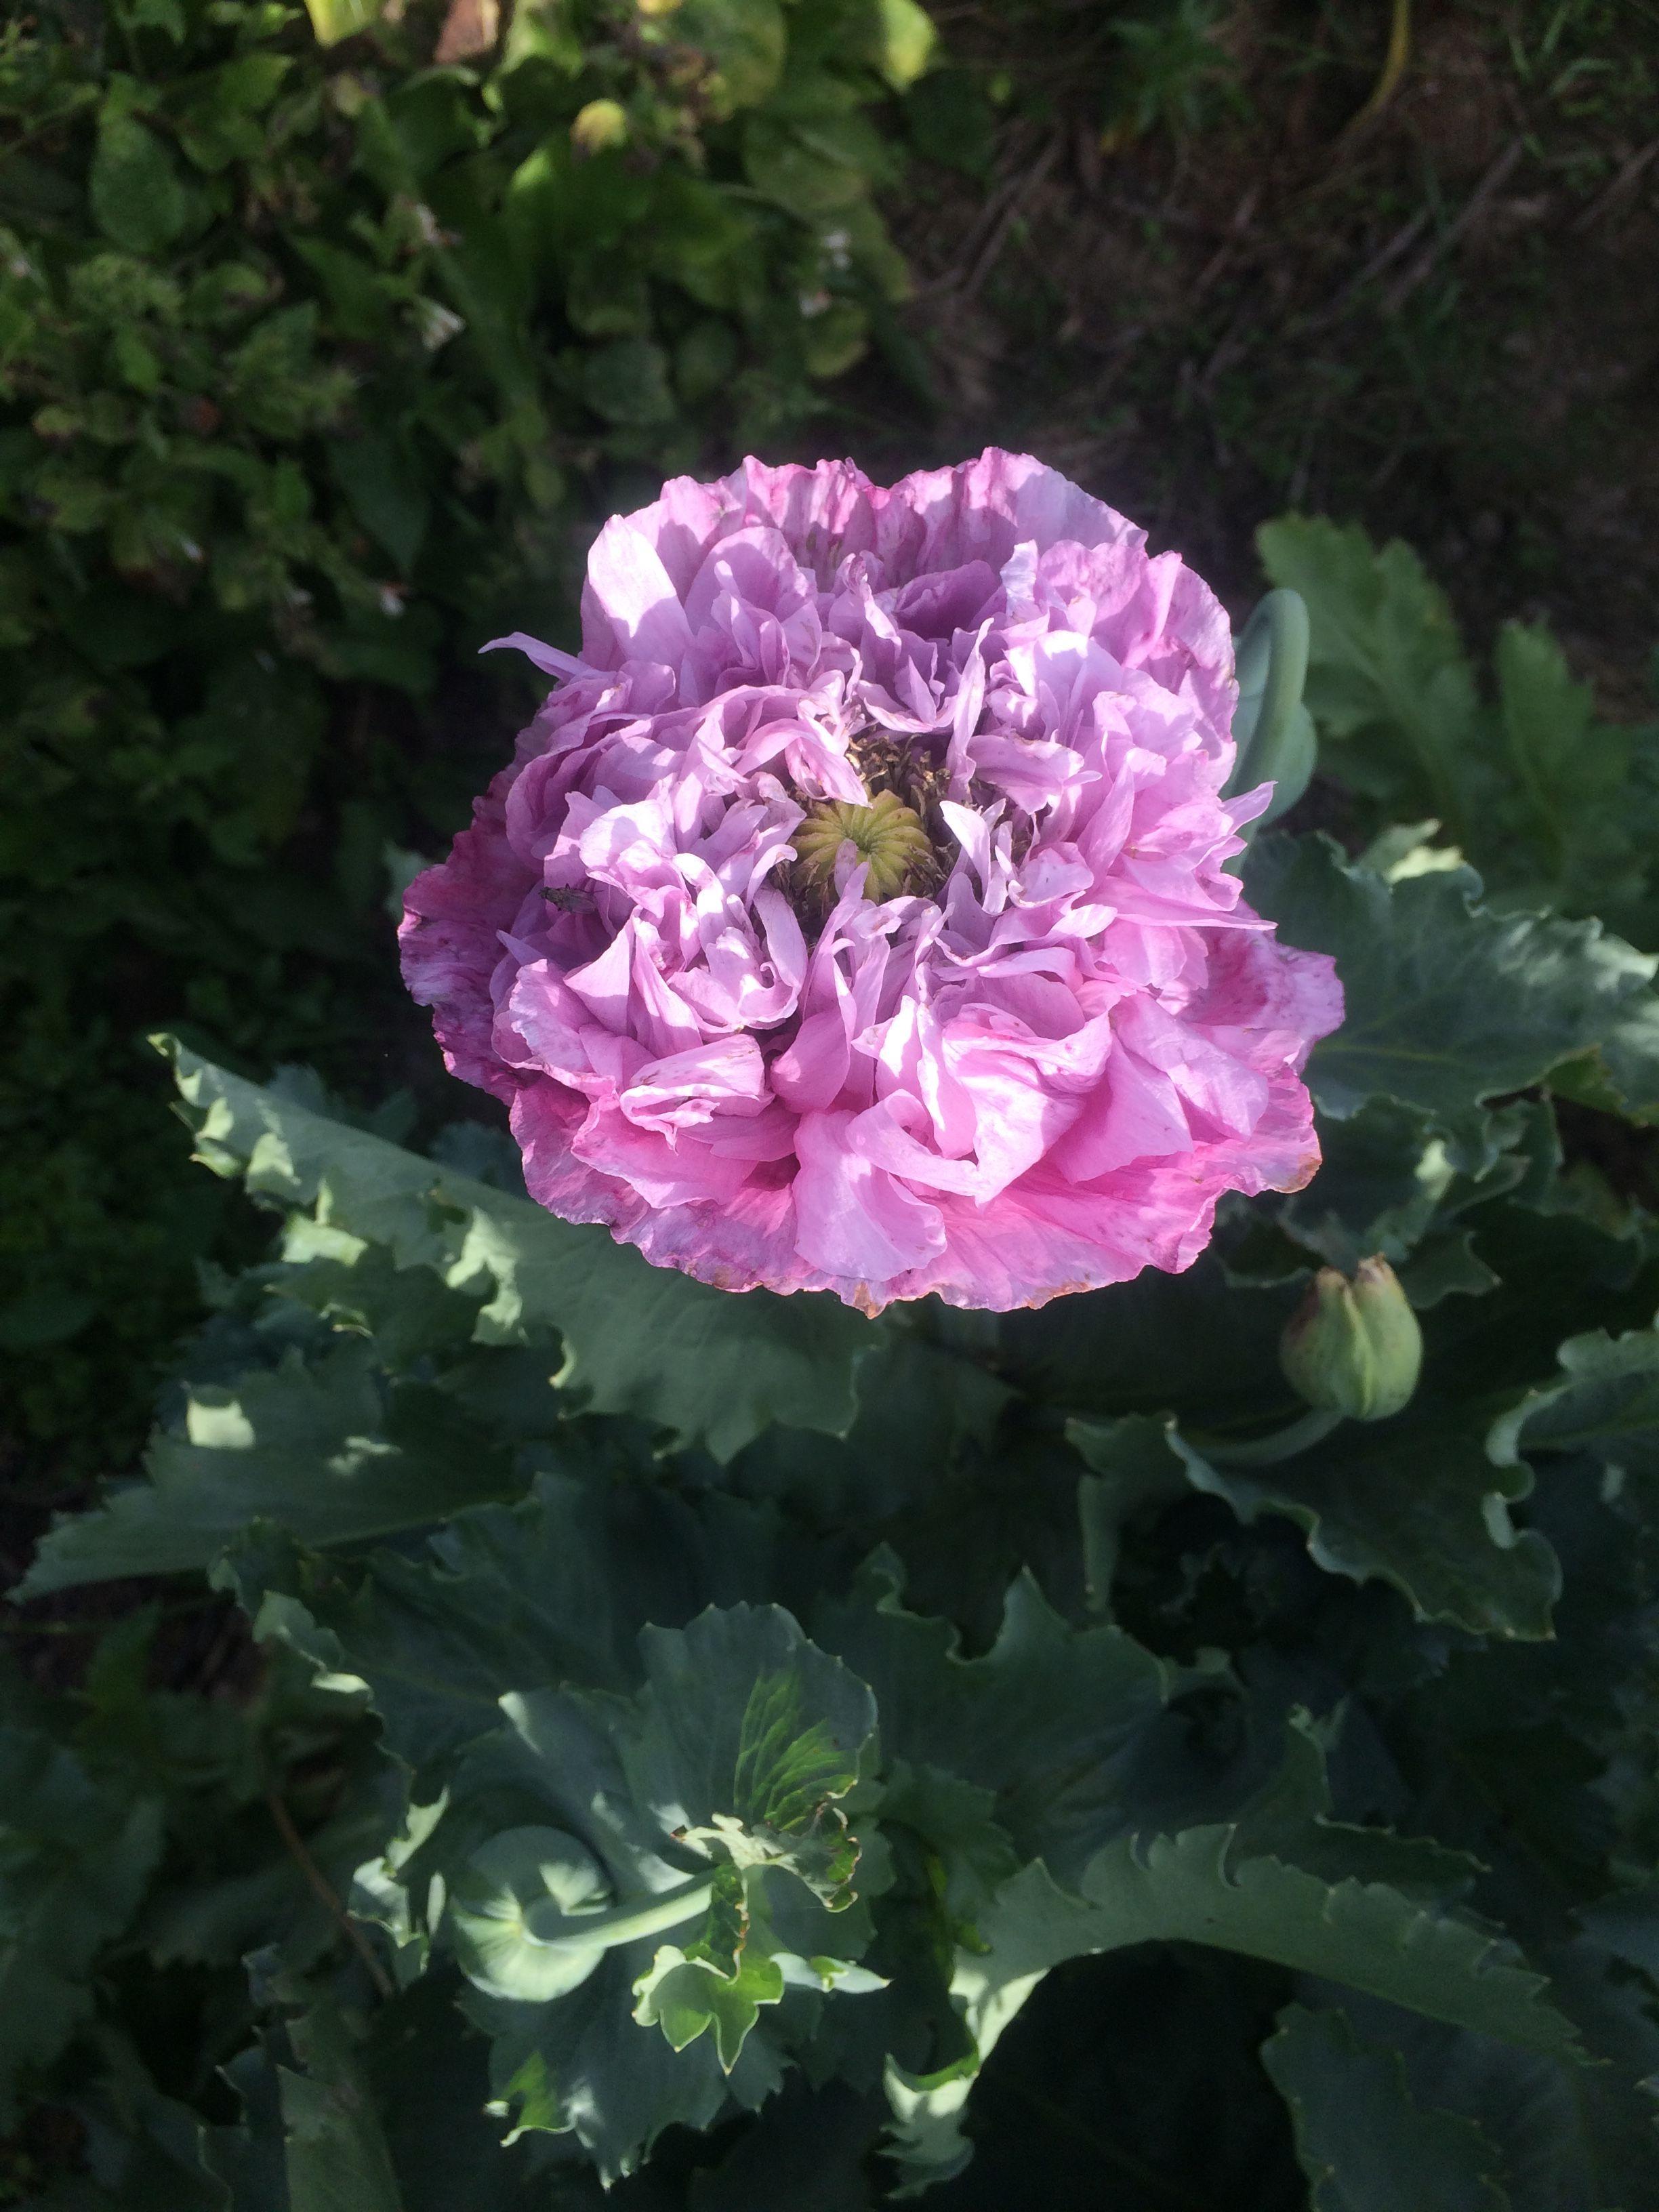 9dea1c4a0fd085fc914a8522c721c2d7 Luxe De Fleurs De Jardin Des Idées